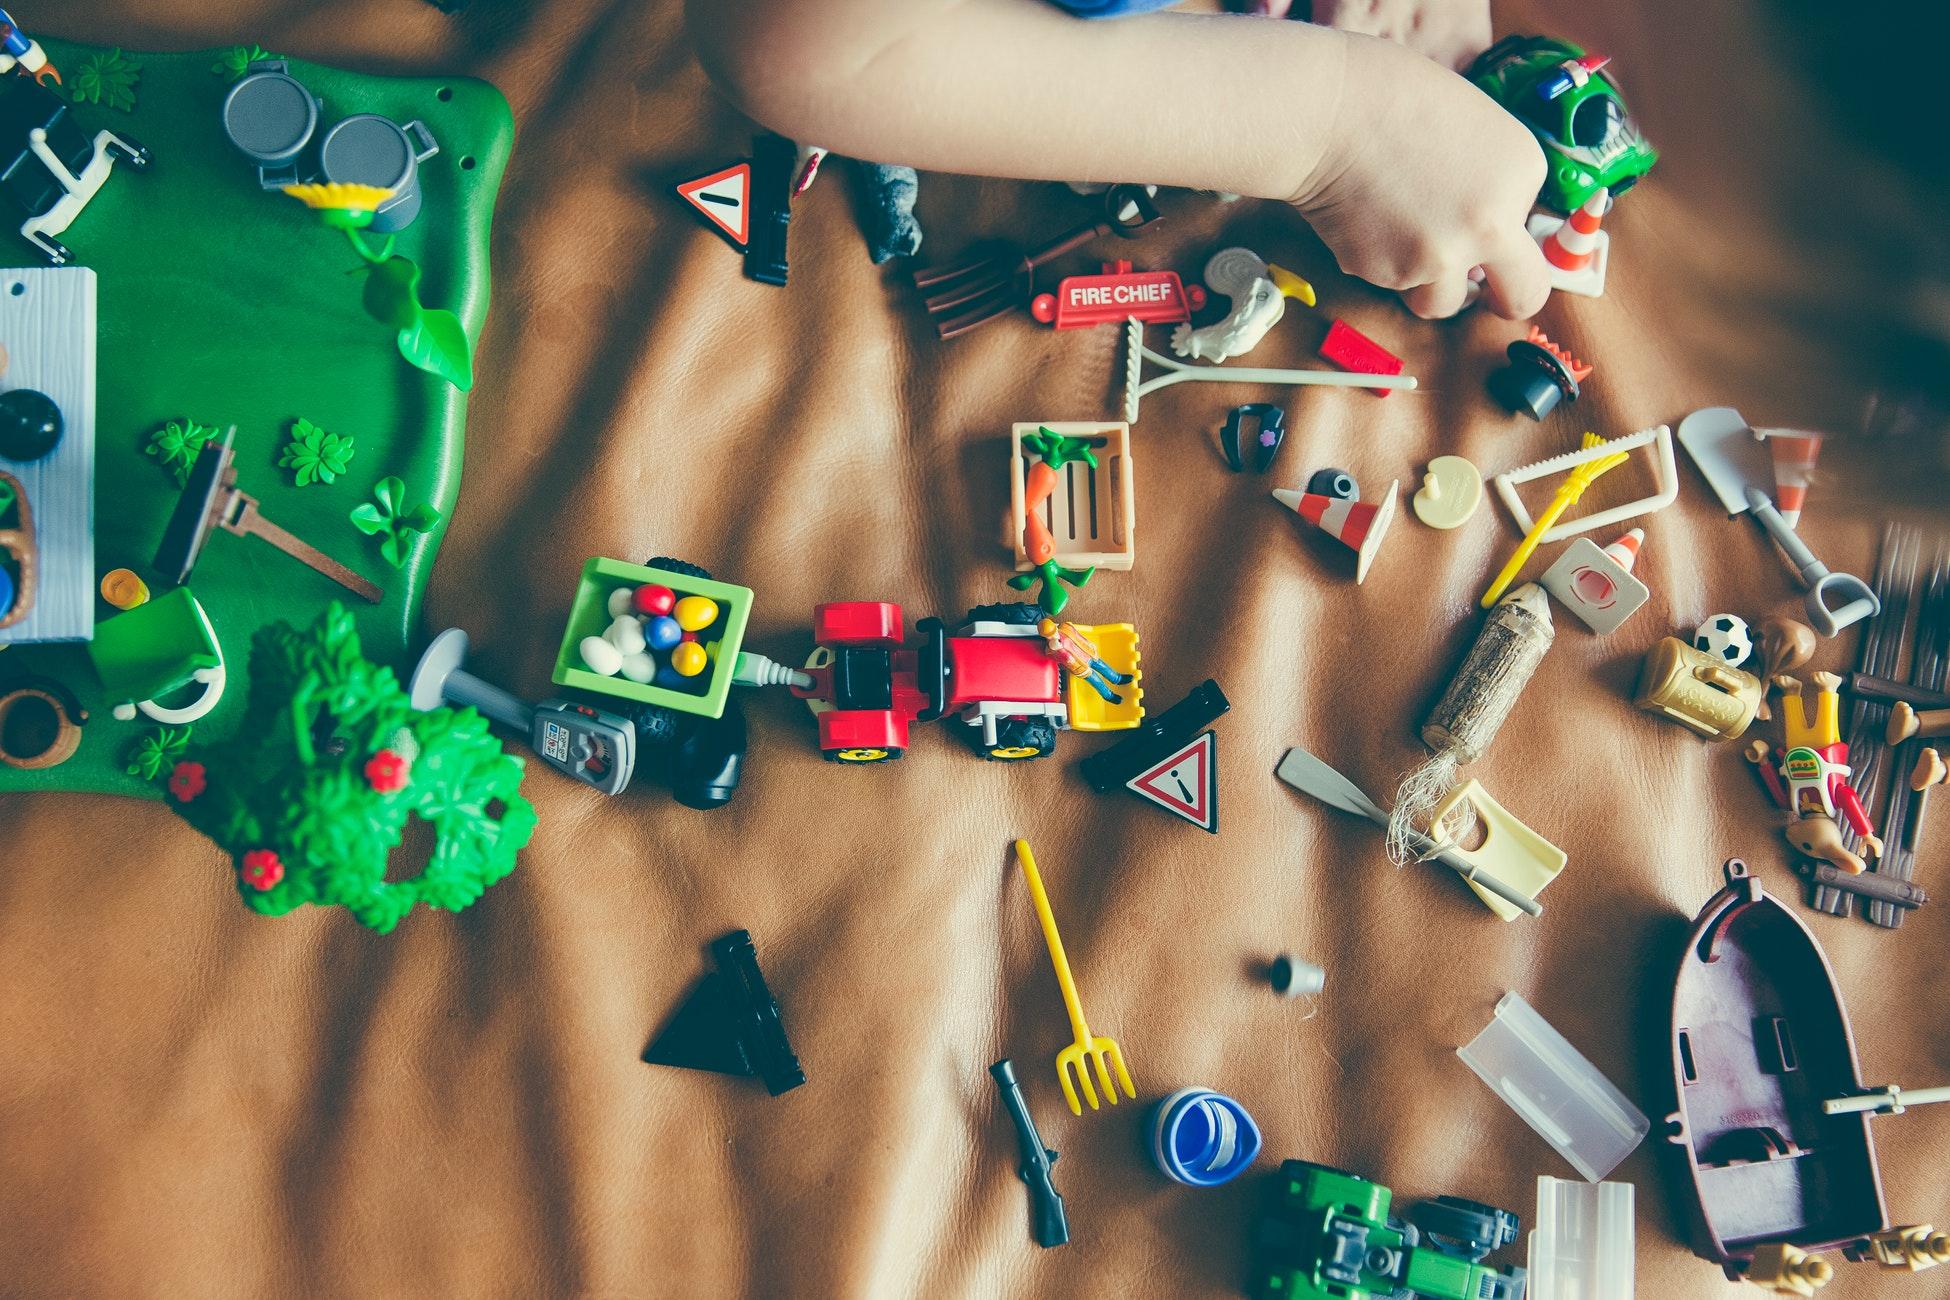 Lastensuojelun Keskusliiton lausunto koskien varhaiskasvatuslain uudistamista